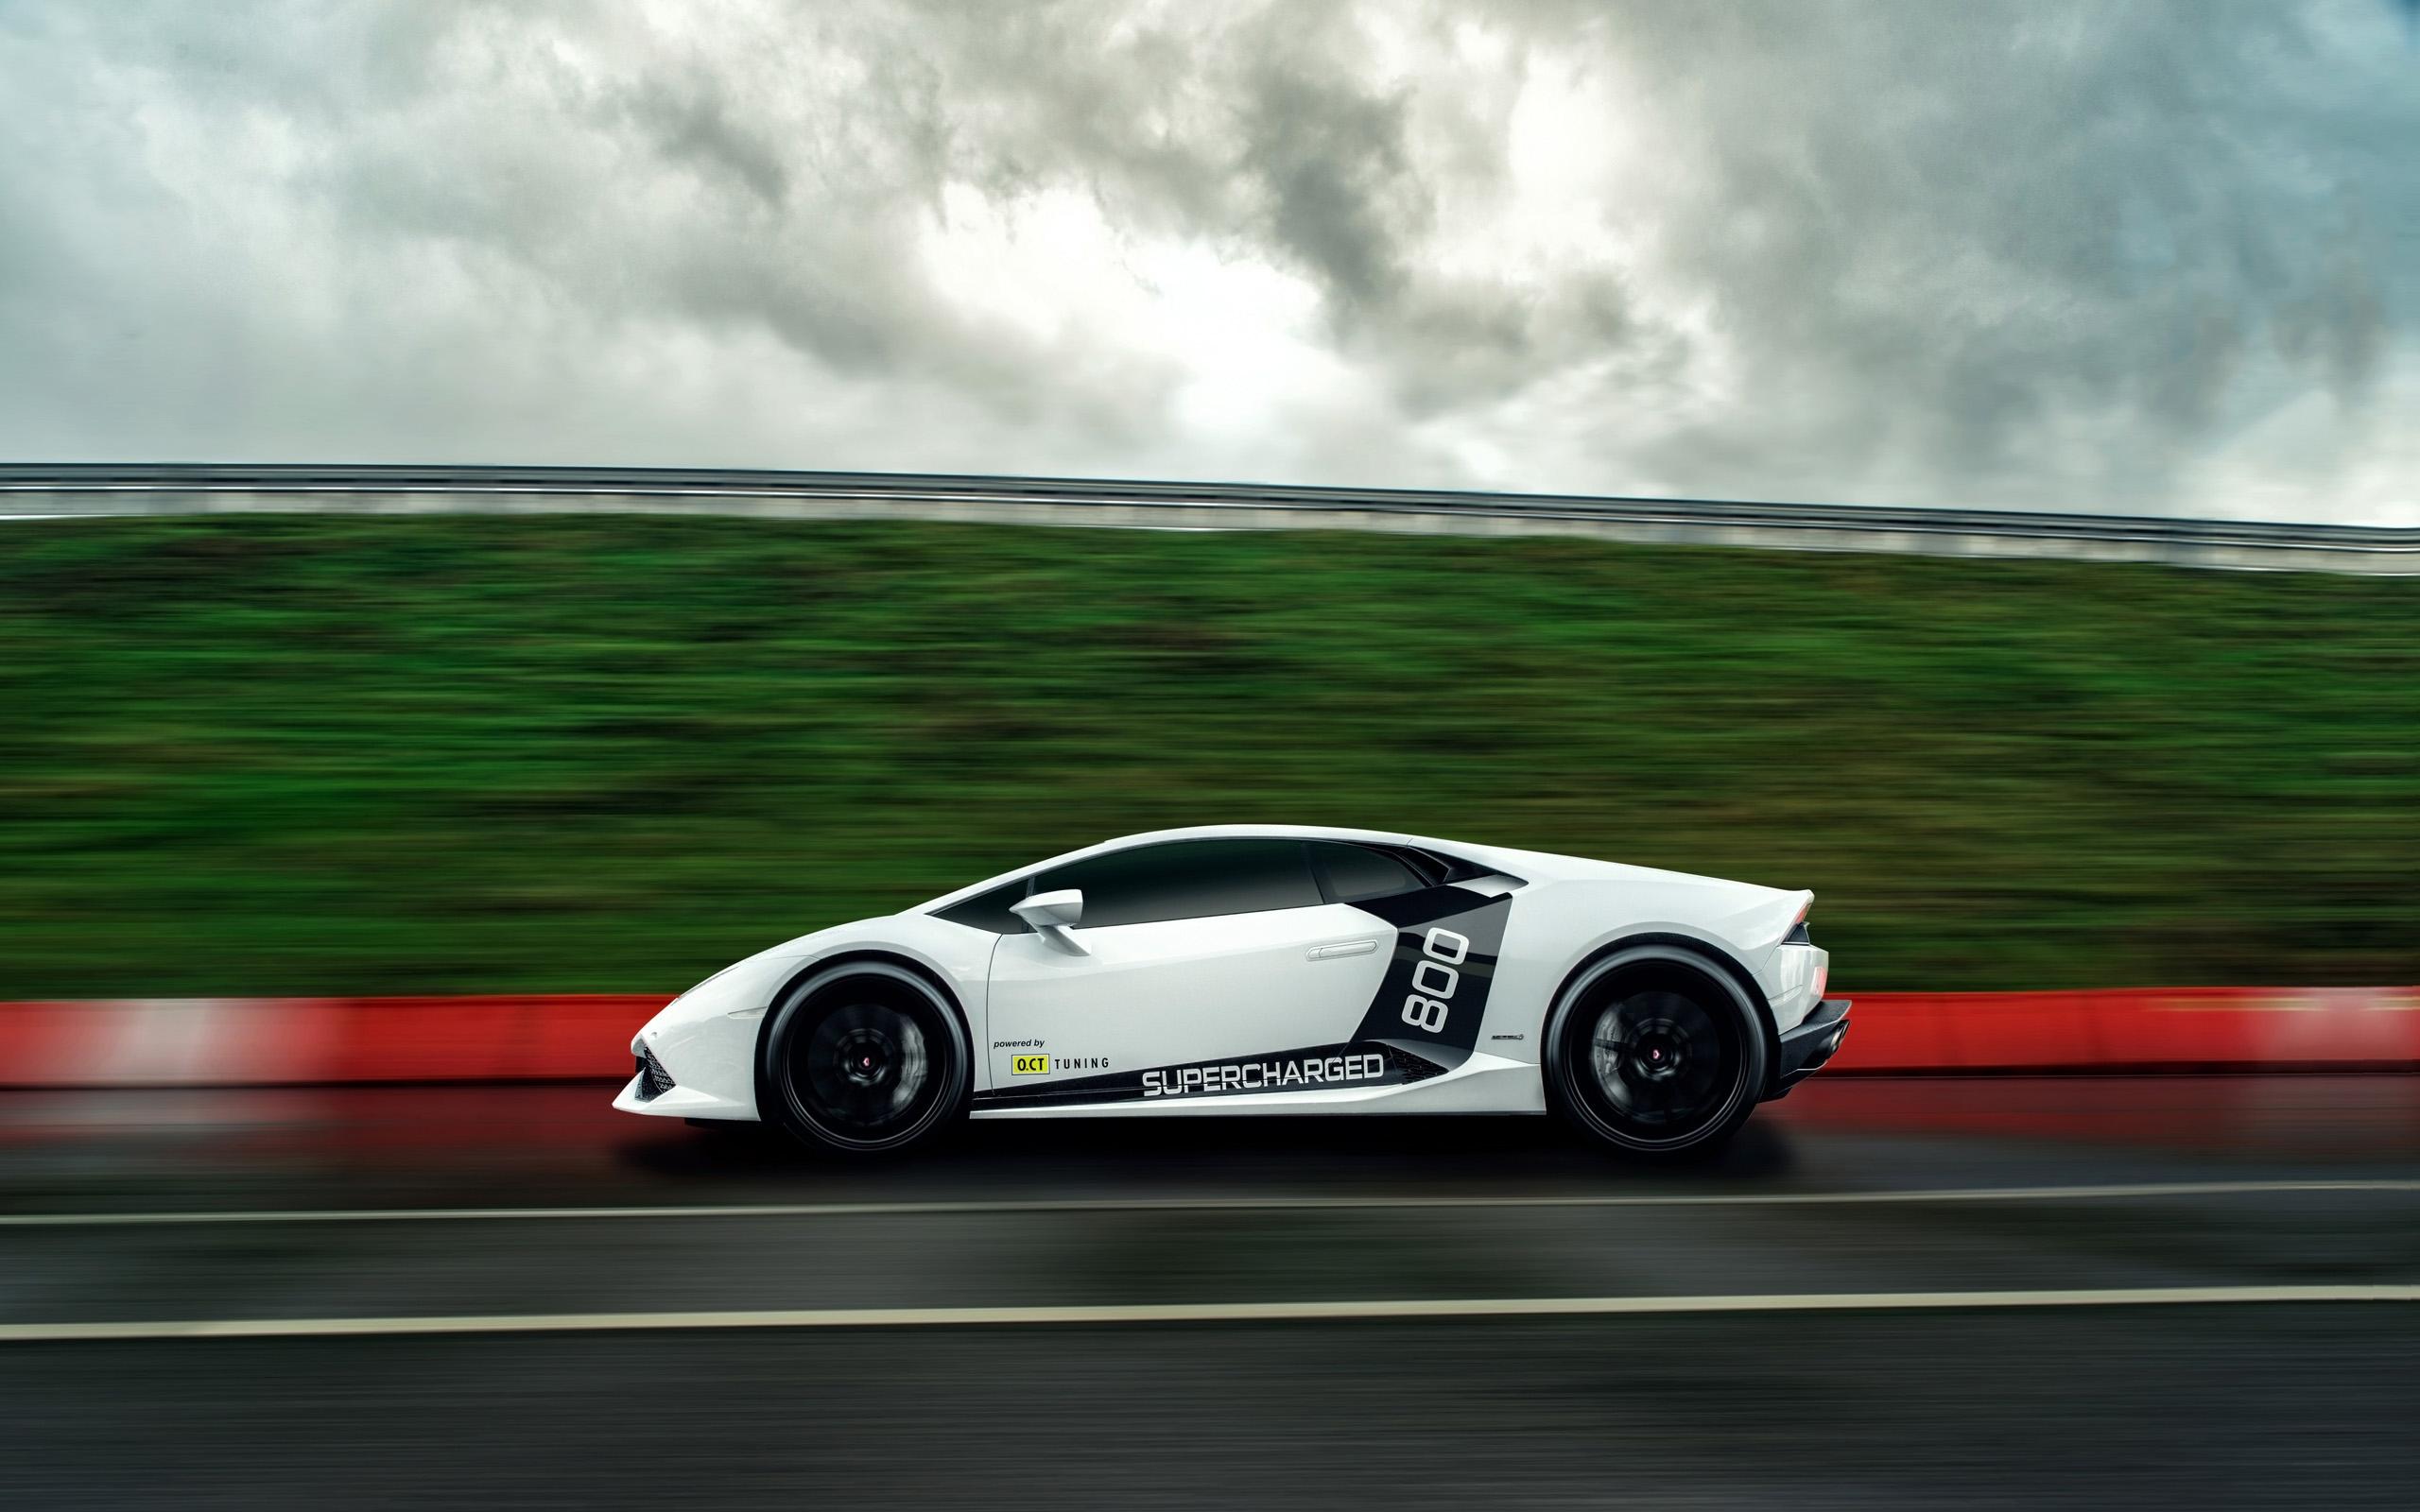 Lamborghini Huracan Wallpapers Full Hd | Vehicles Wallpapers | Pinterest |  Lamborghini, Lamborghini Huracan And Lamborghini Cars